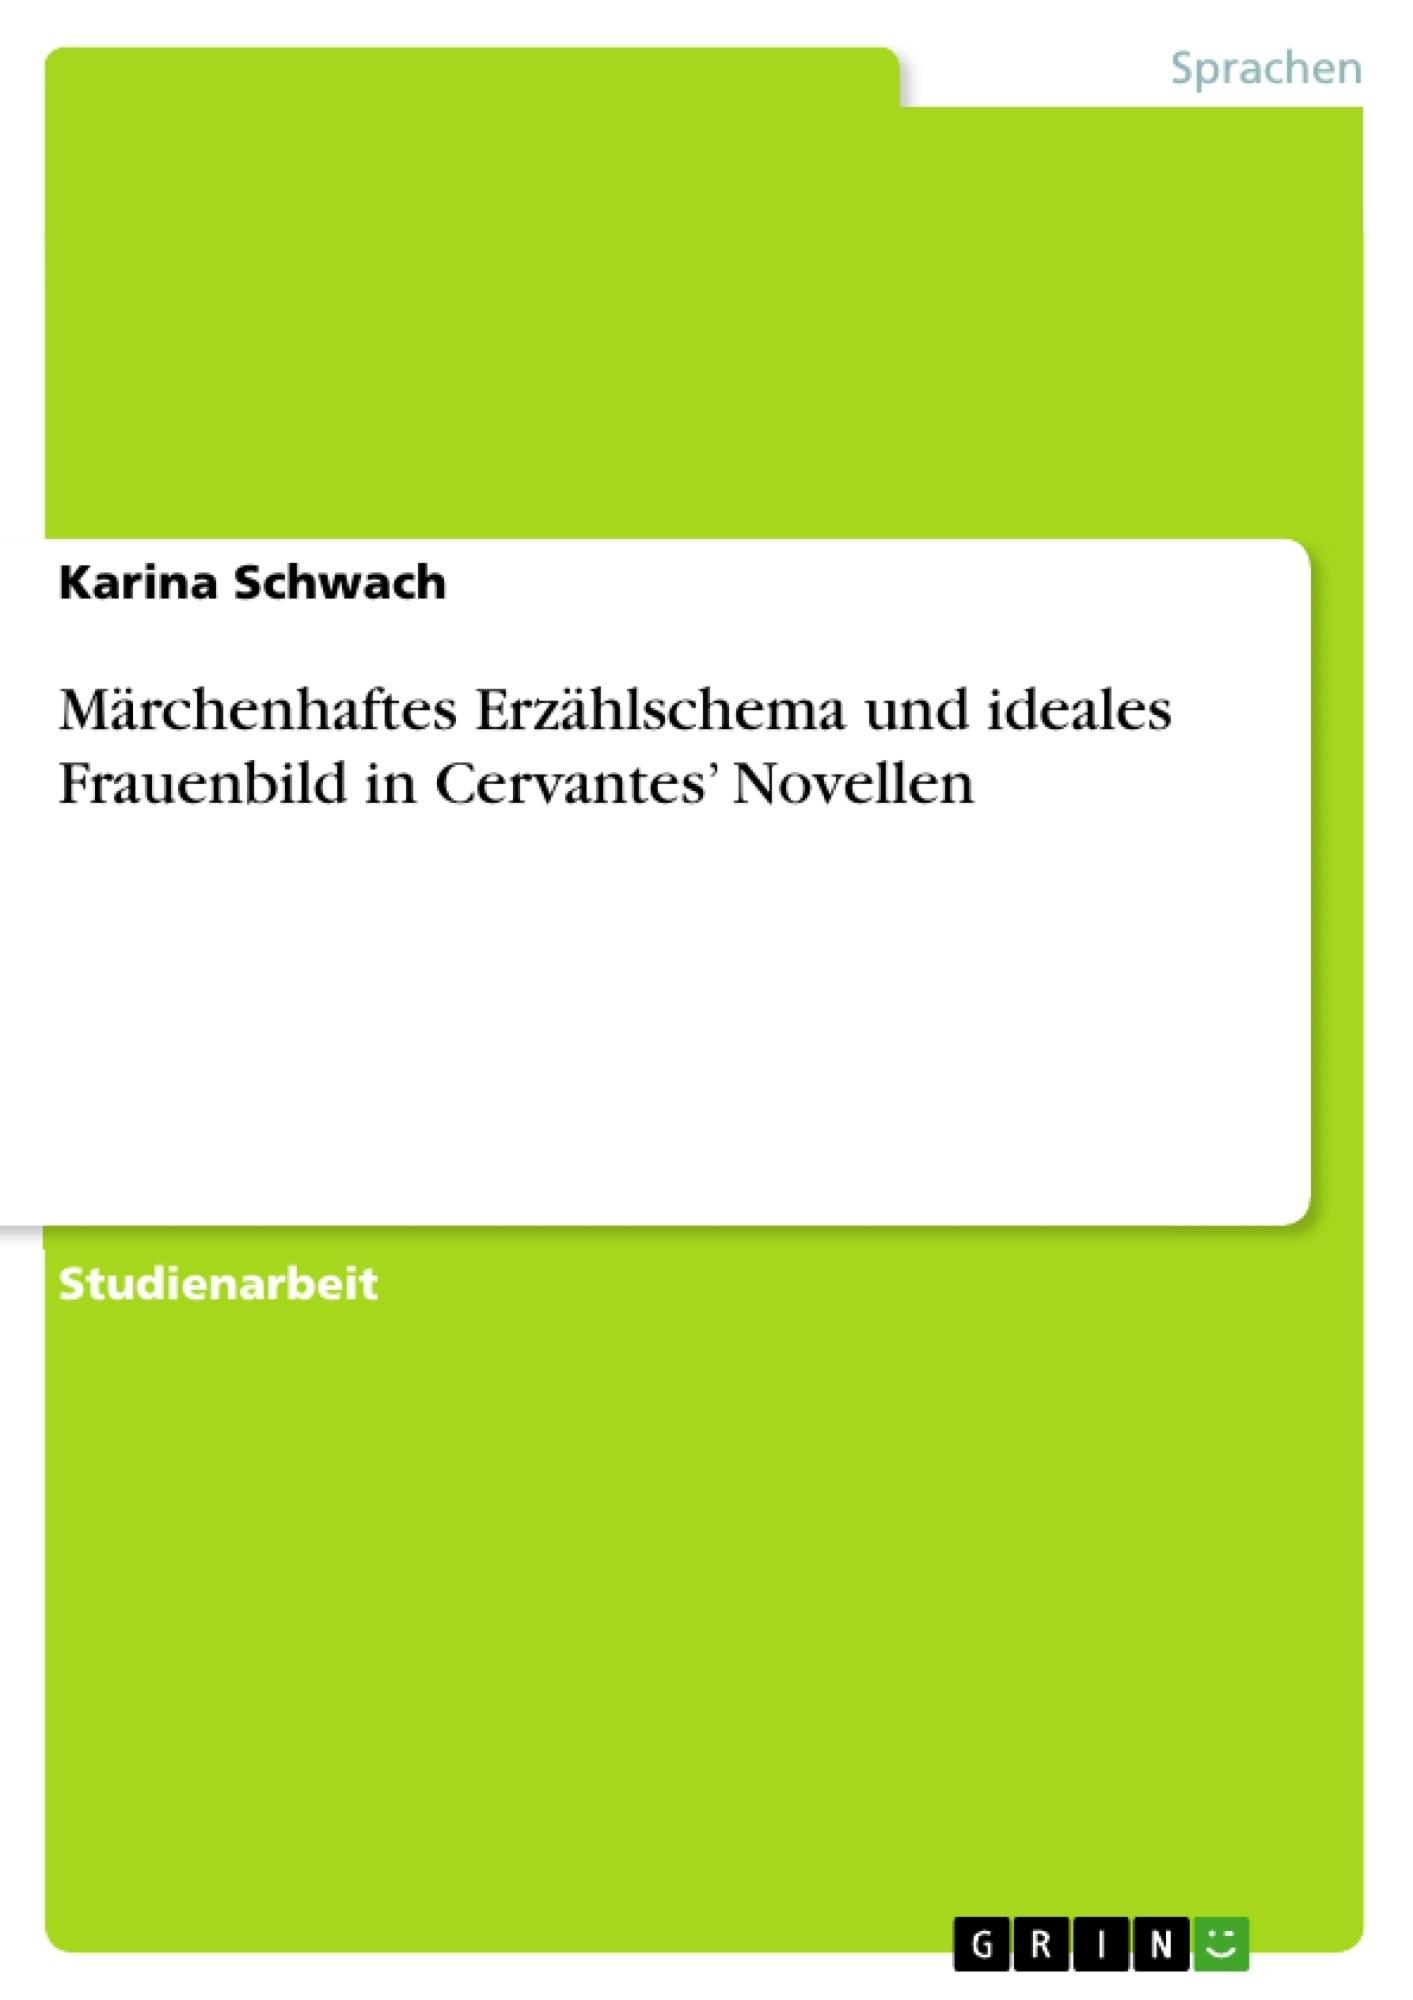 Titel: Märchenhaftes Erzählschema und ideales Frauenbild in Cervantes' Novellen